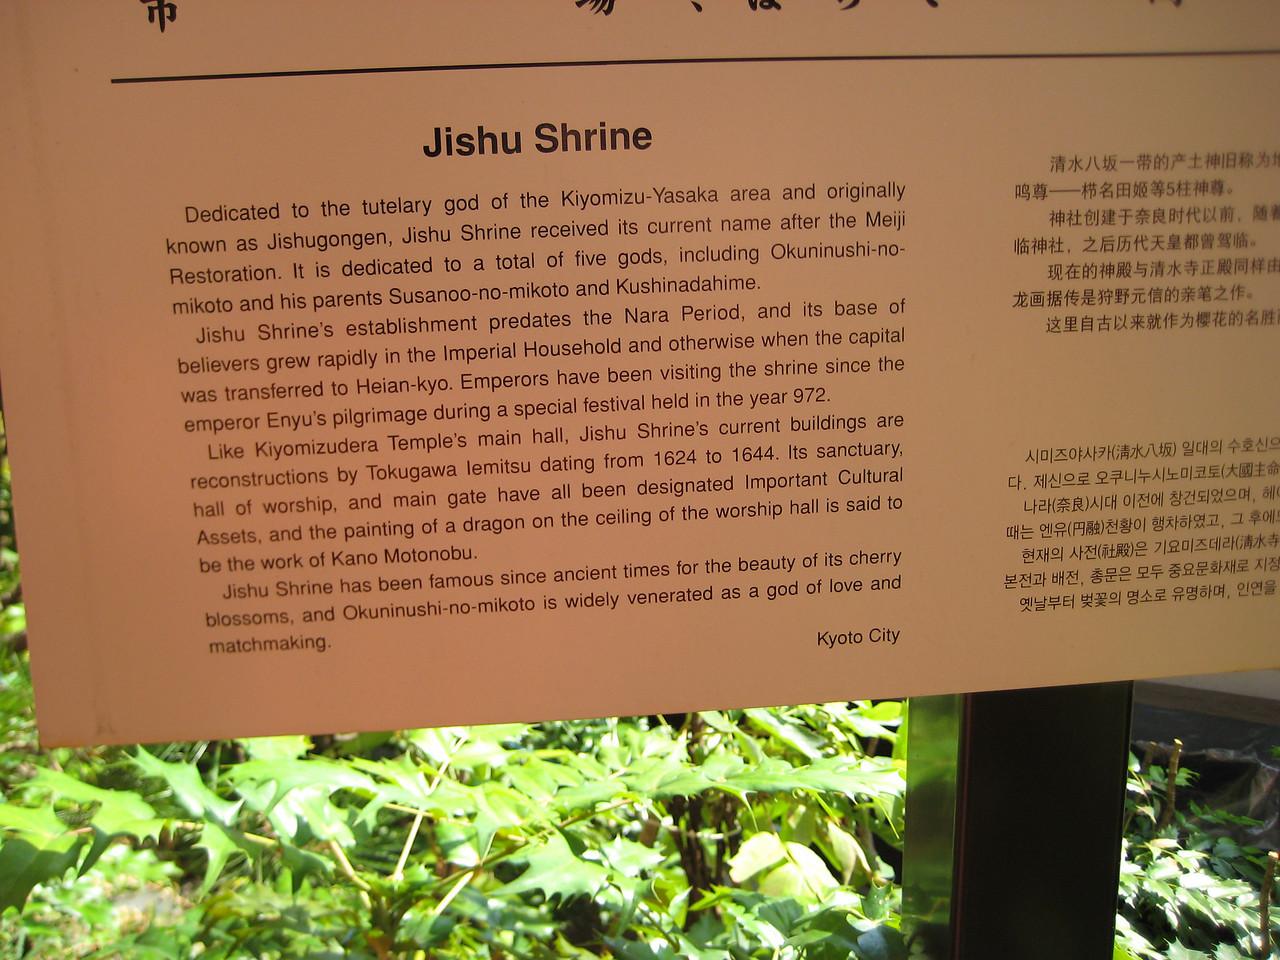 The English translation of the Jishu Shrine plaque